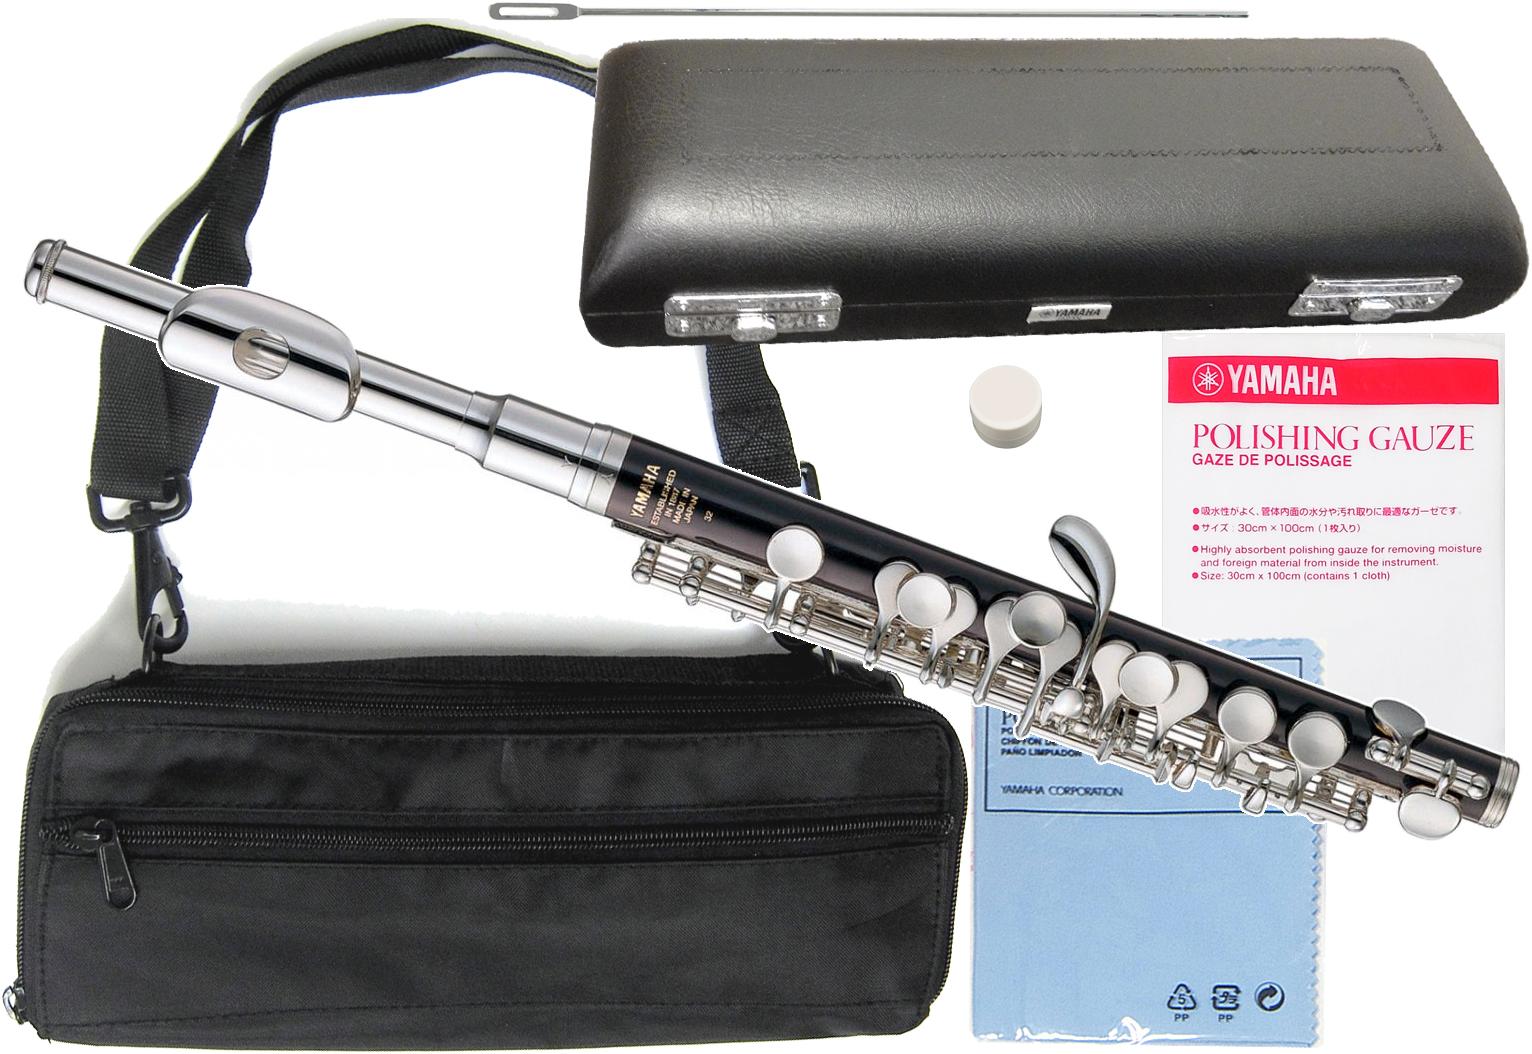 YAMAHA ( ヤマハ ) YPC-32 樹脂製 ピッコロ 新品 管楽器 Eメカ付き スタンダードモデル 主管 ABS樹脂 頭部管 白銅製 【 YPC32 セット C 】 送料無料